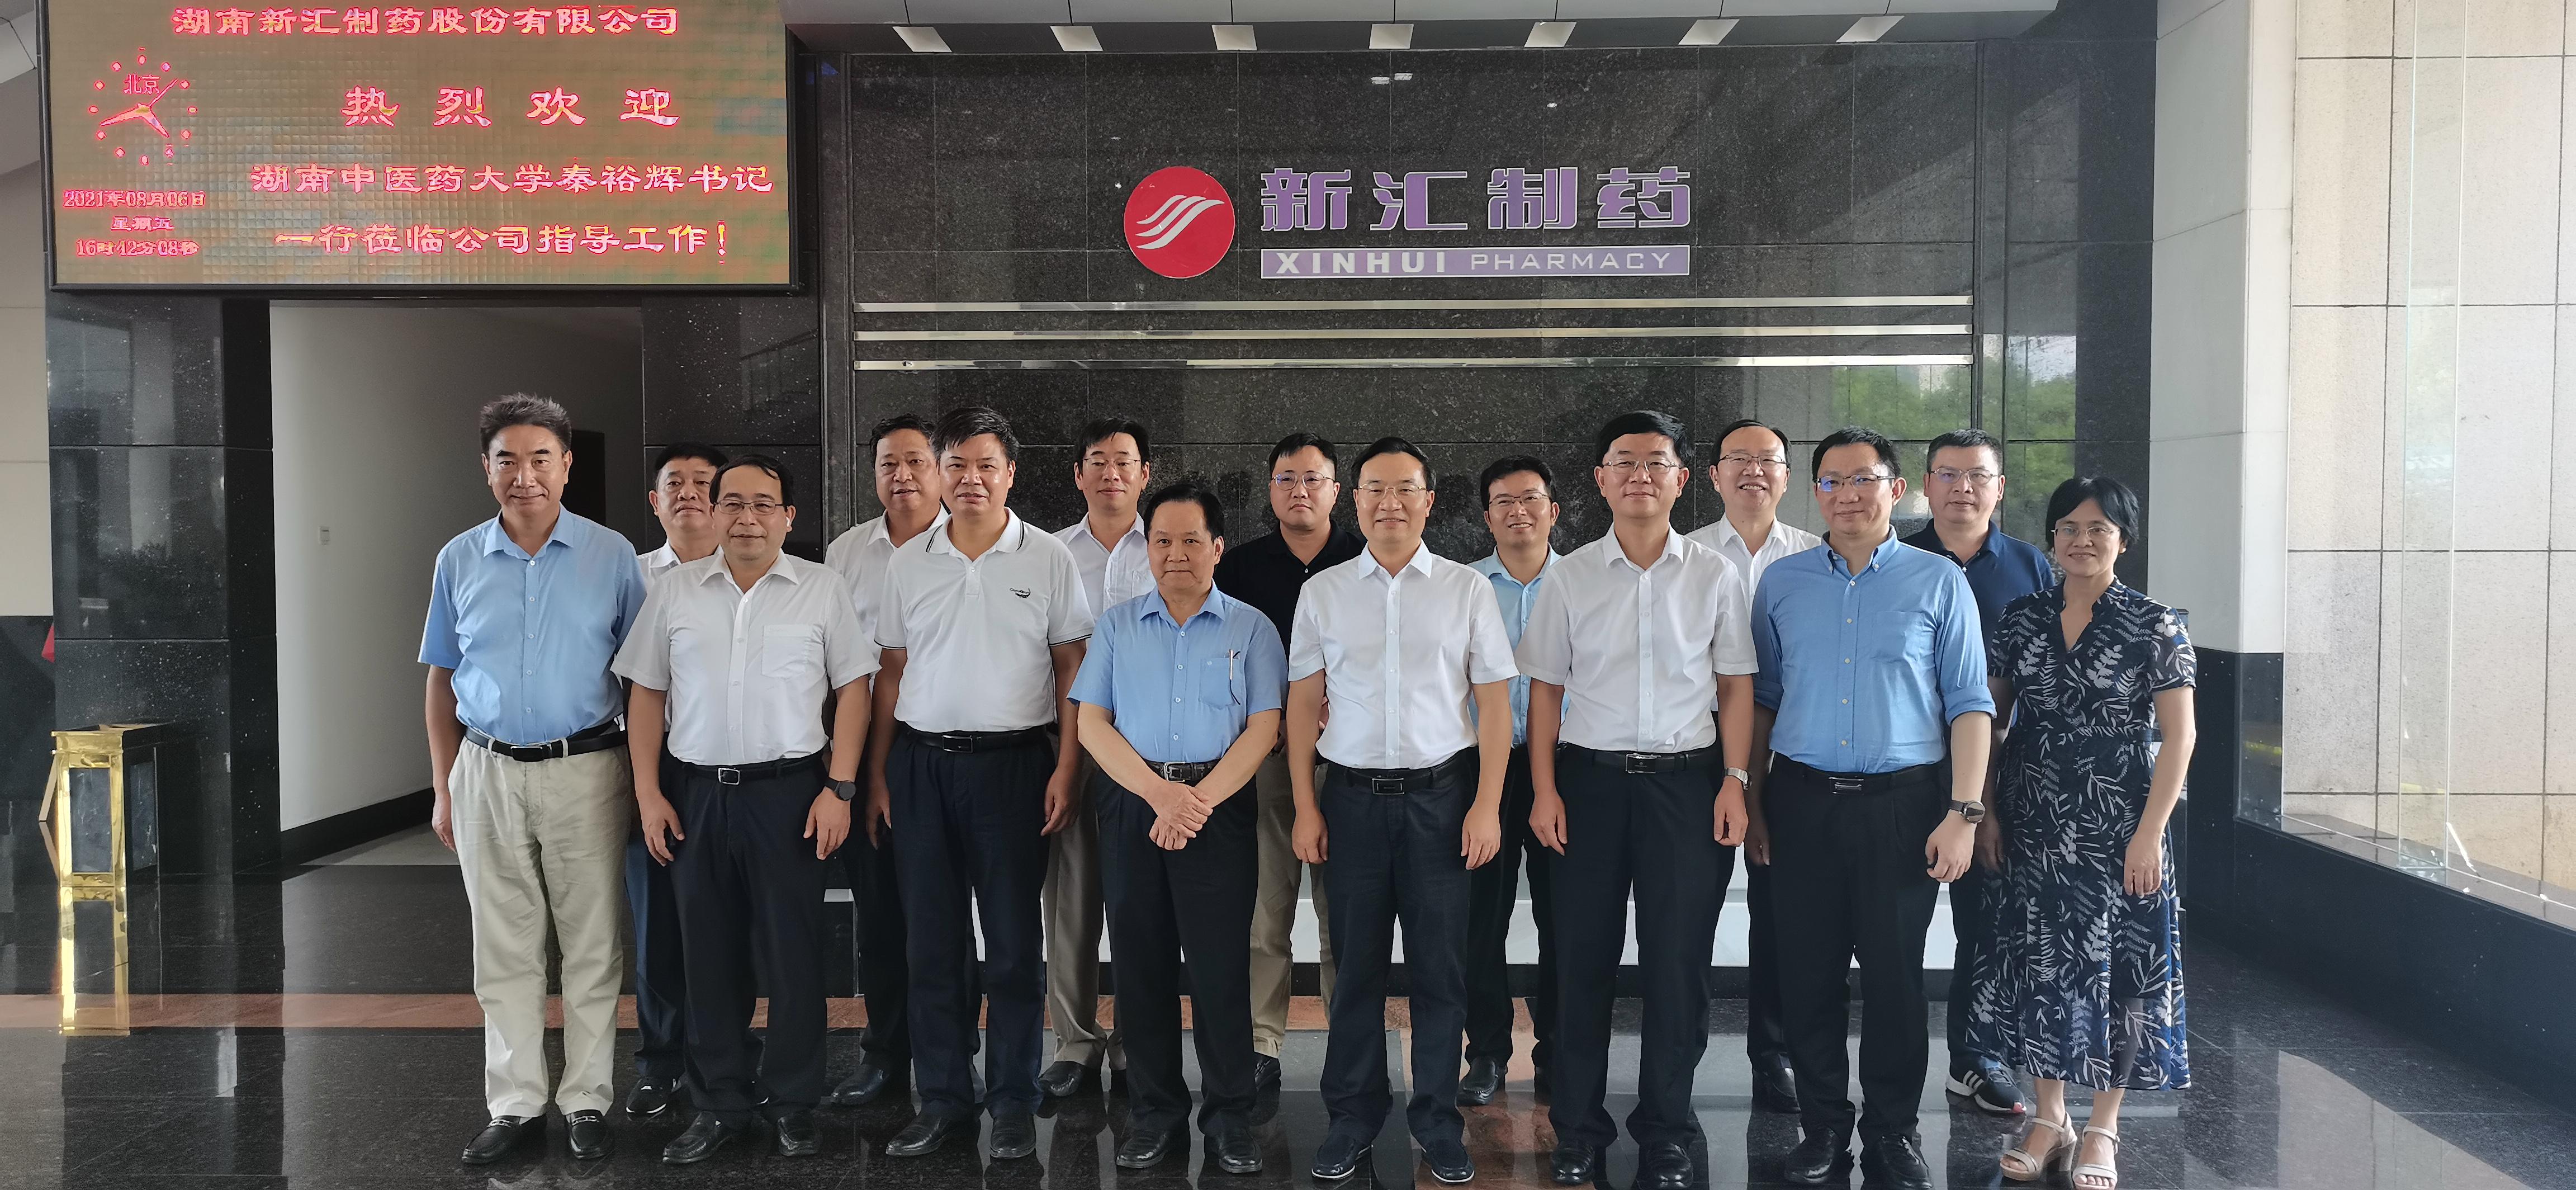 湖南中医药大学与新汇制药校企战略合作成功签约